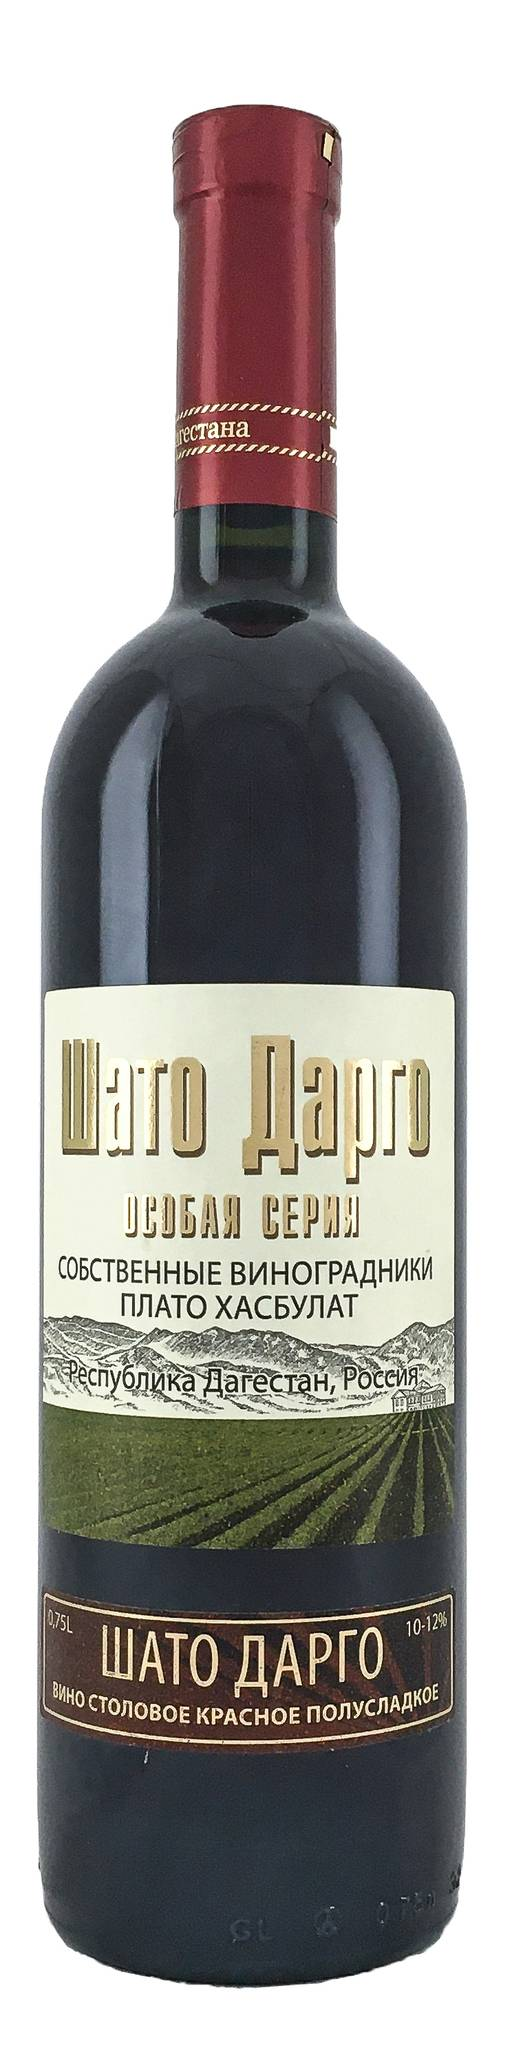 Столовое вино — что это такое? чем отличается столовое вино от географического? как проверить вино